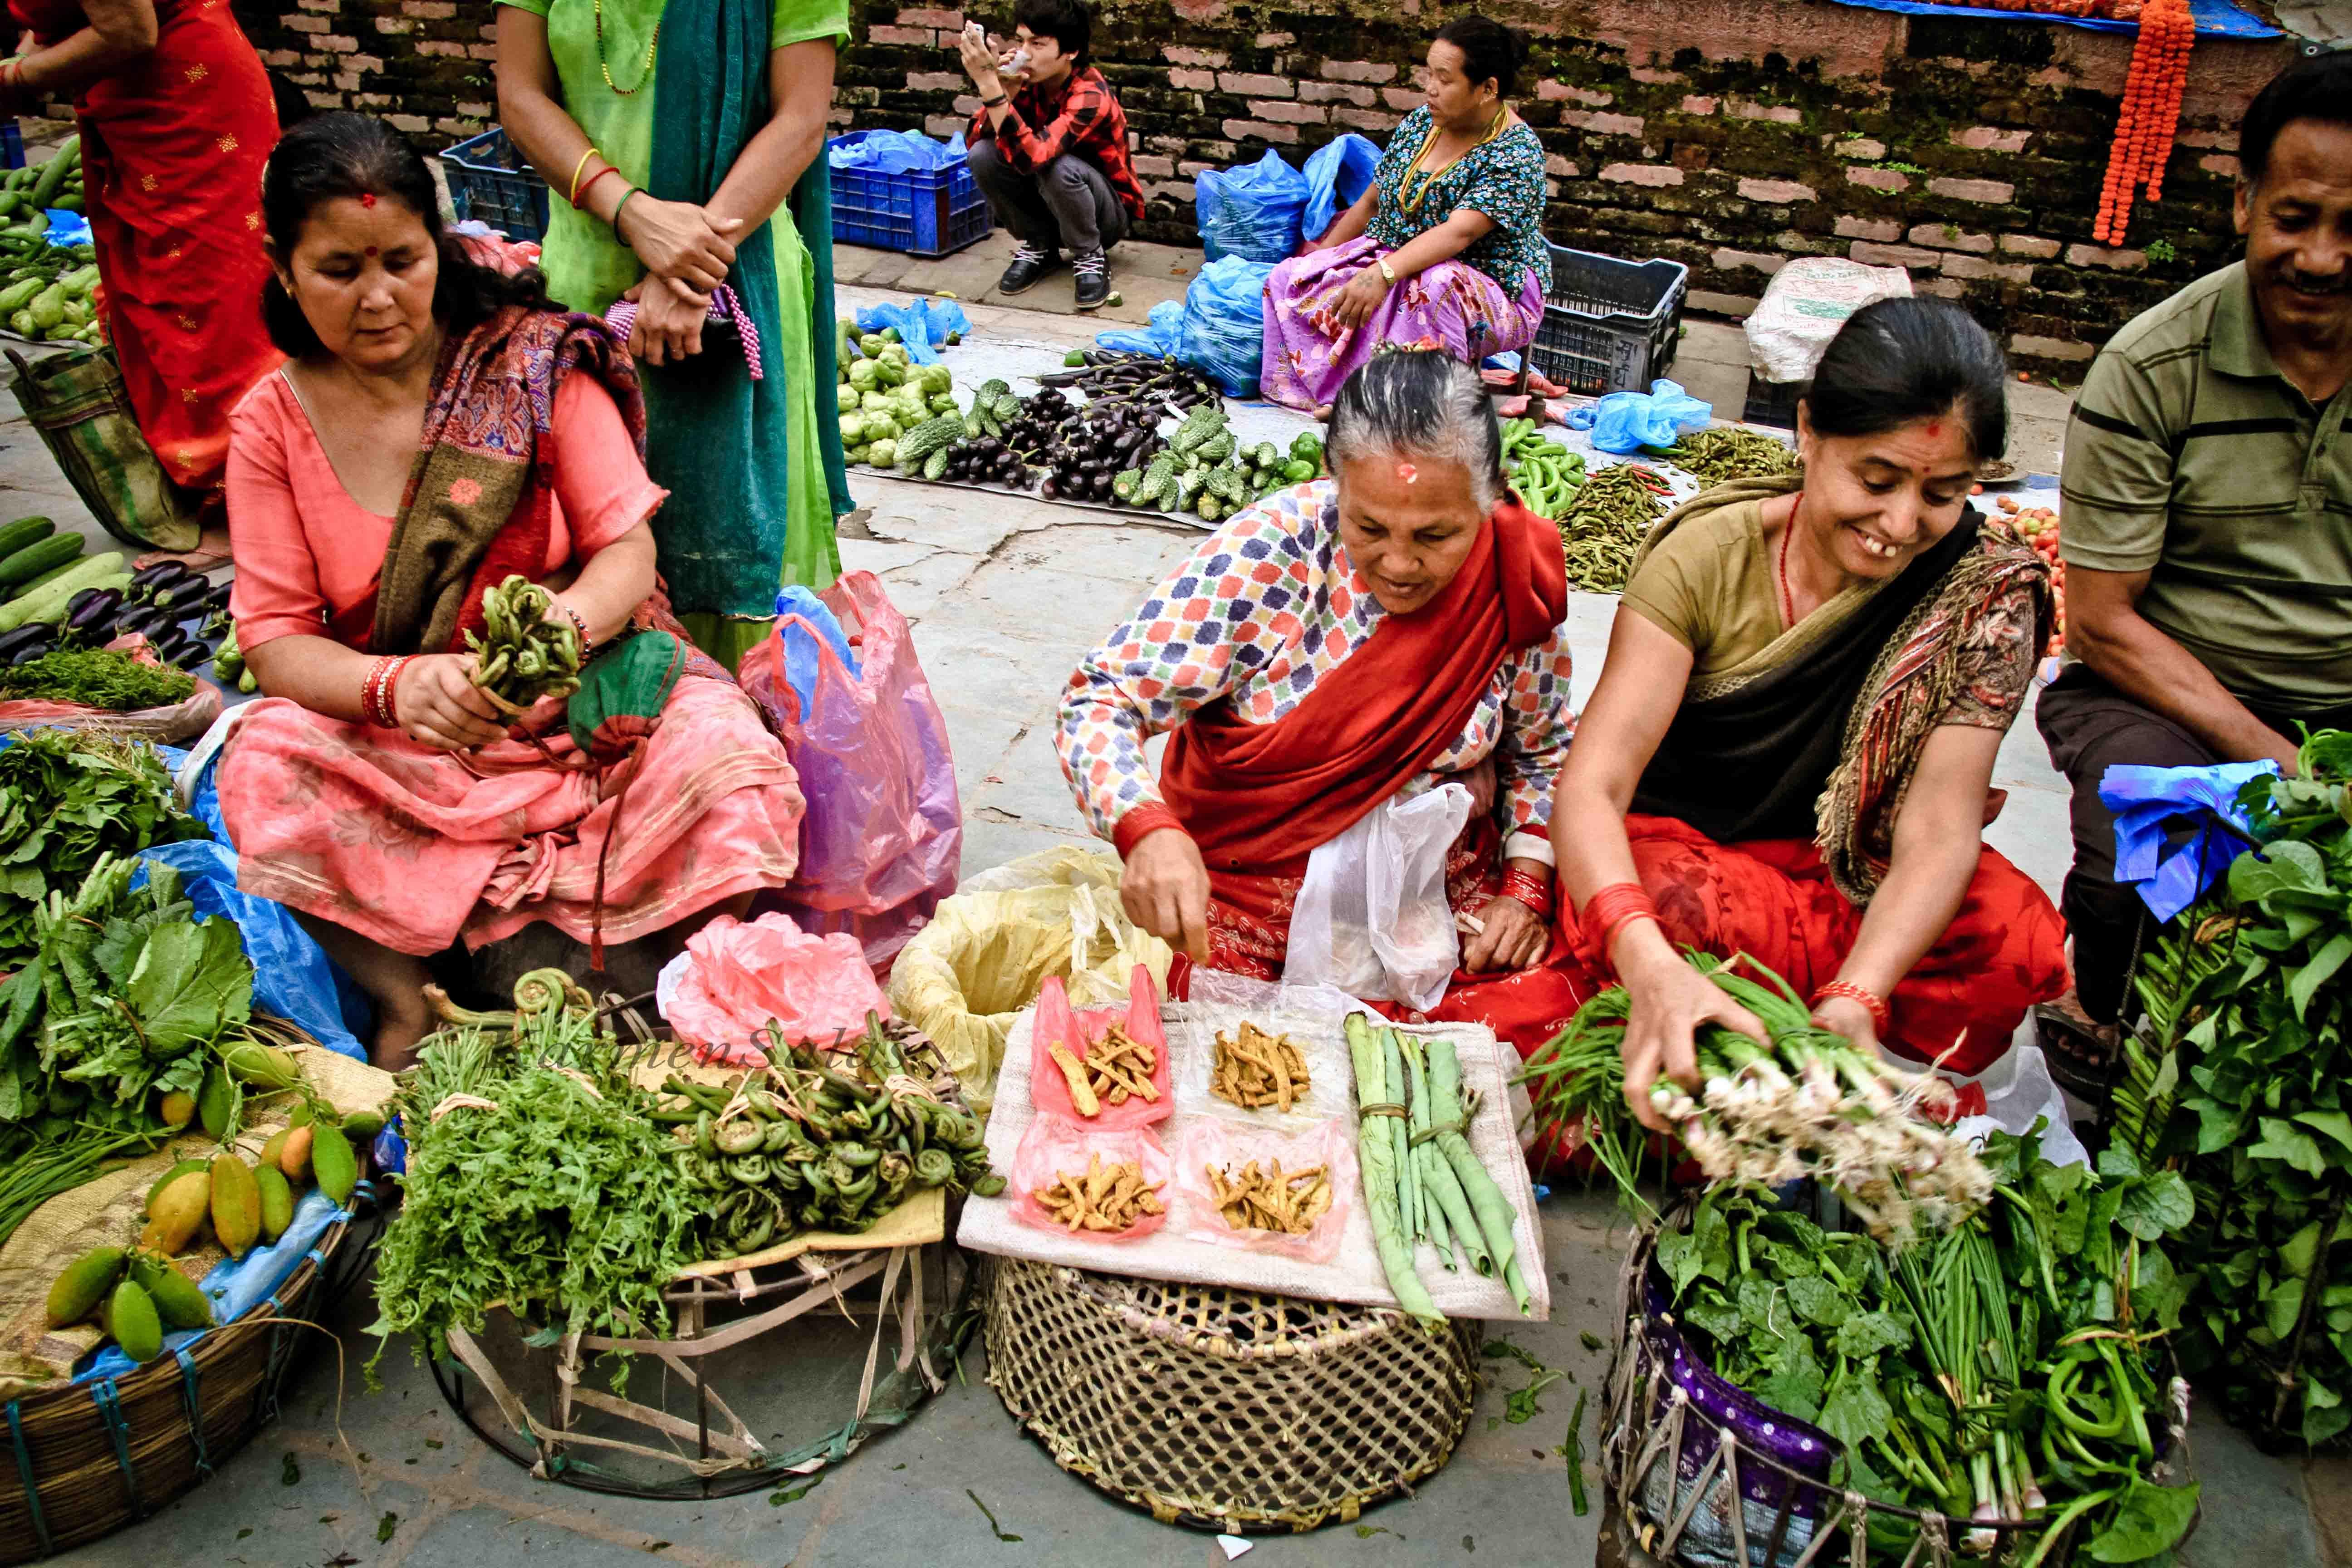 Mercado de verduras en Dubar Square, Katmandú